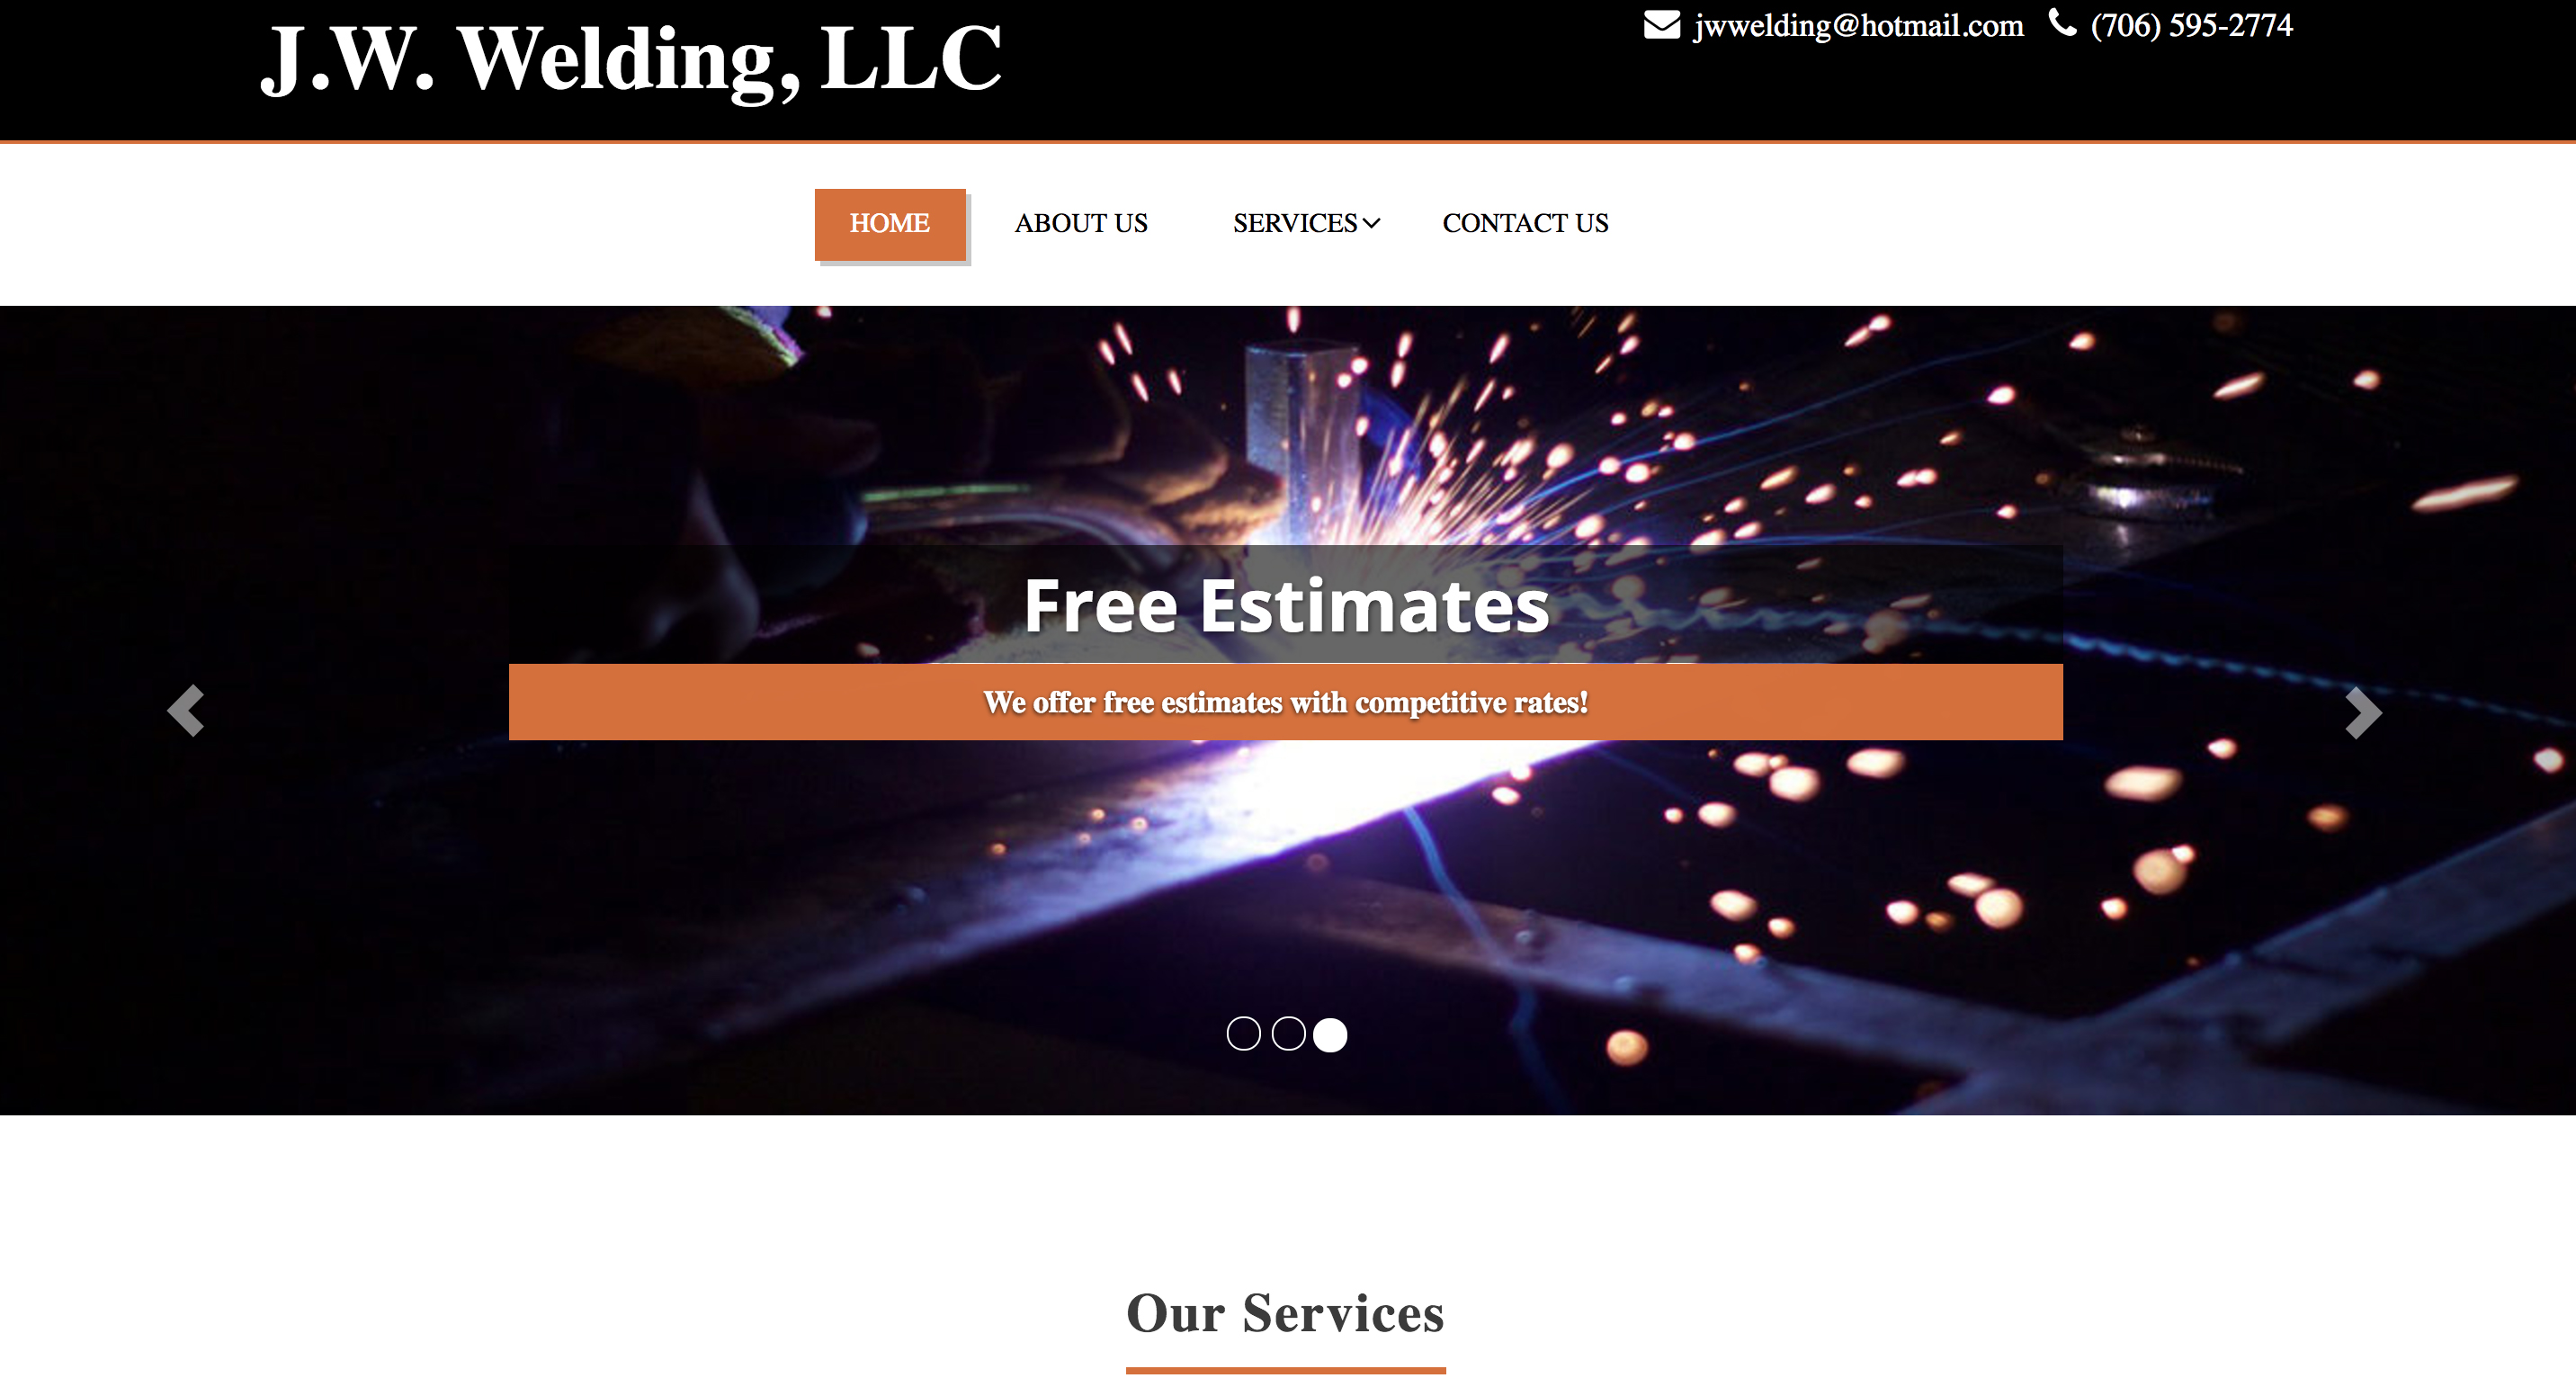 J.W. Welding, LLC